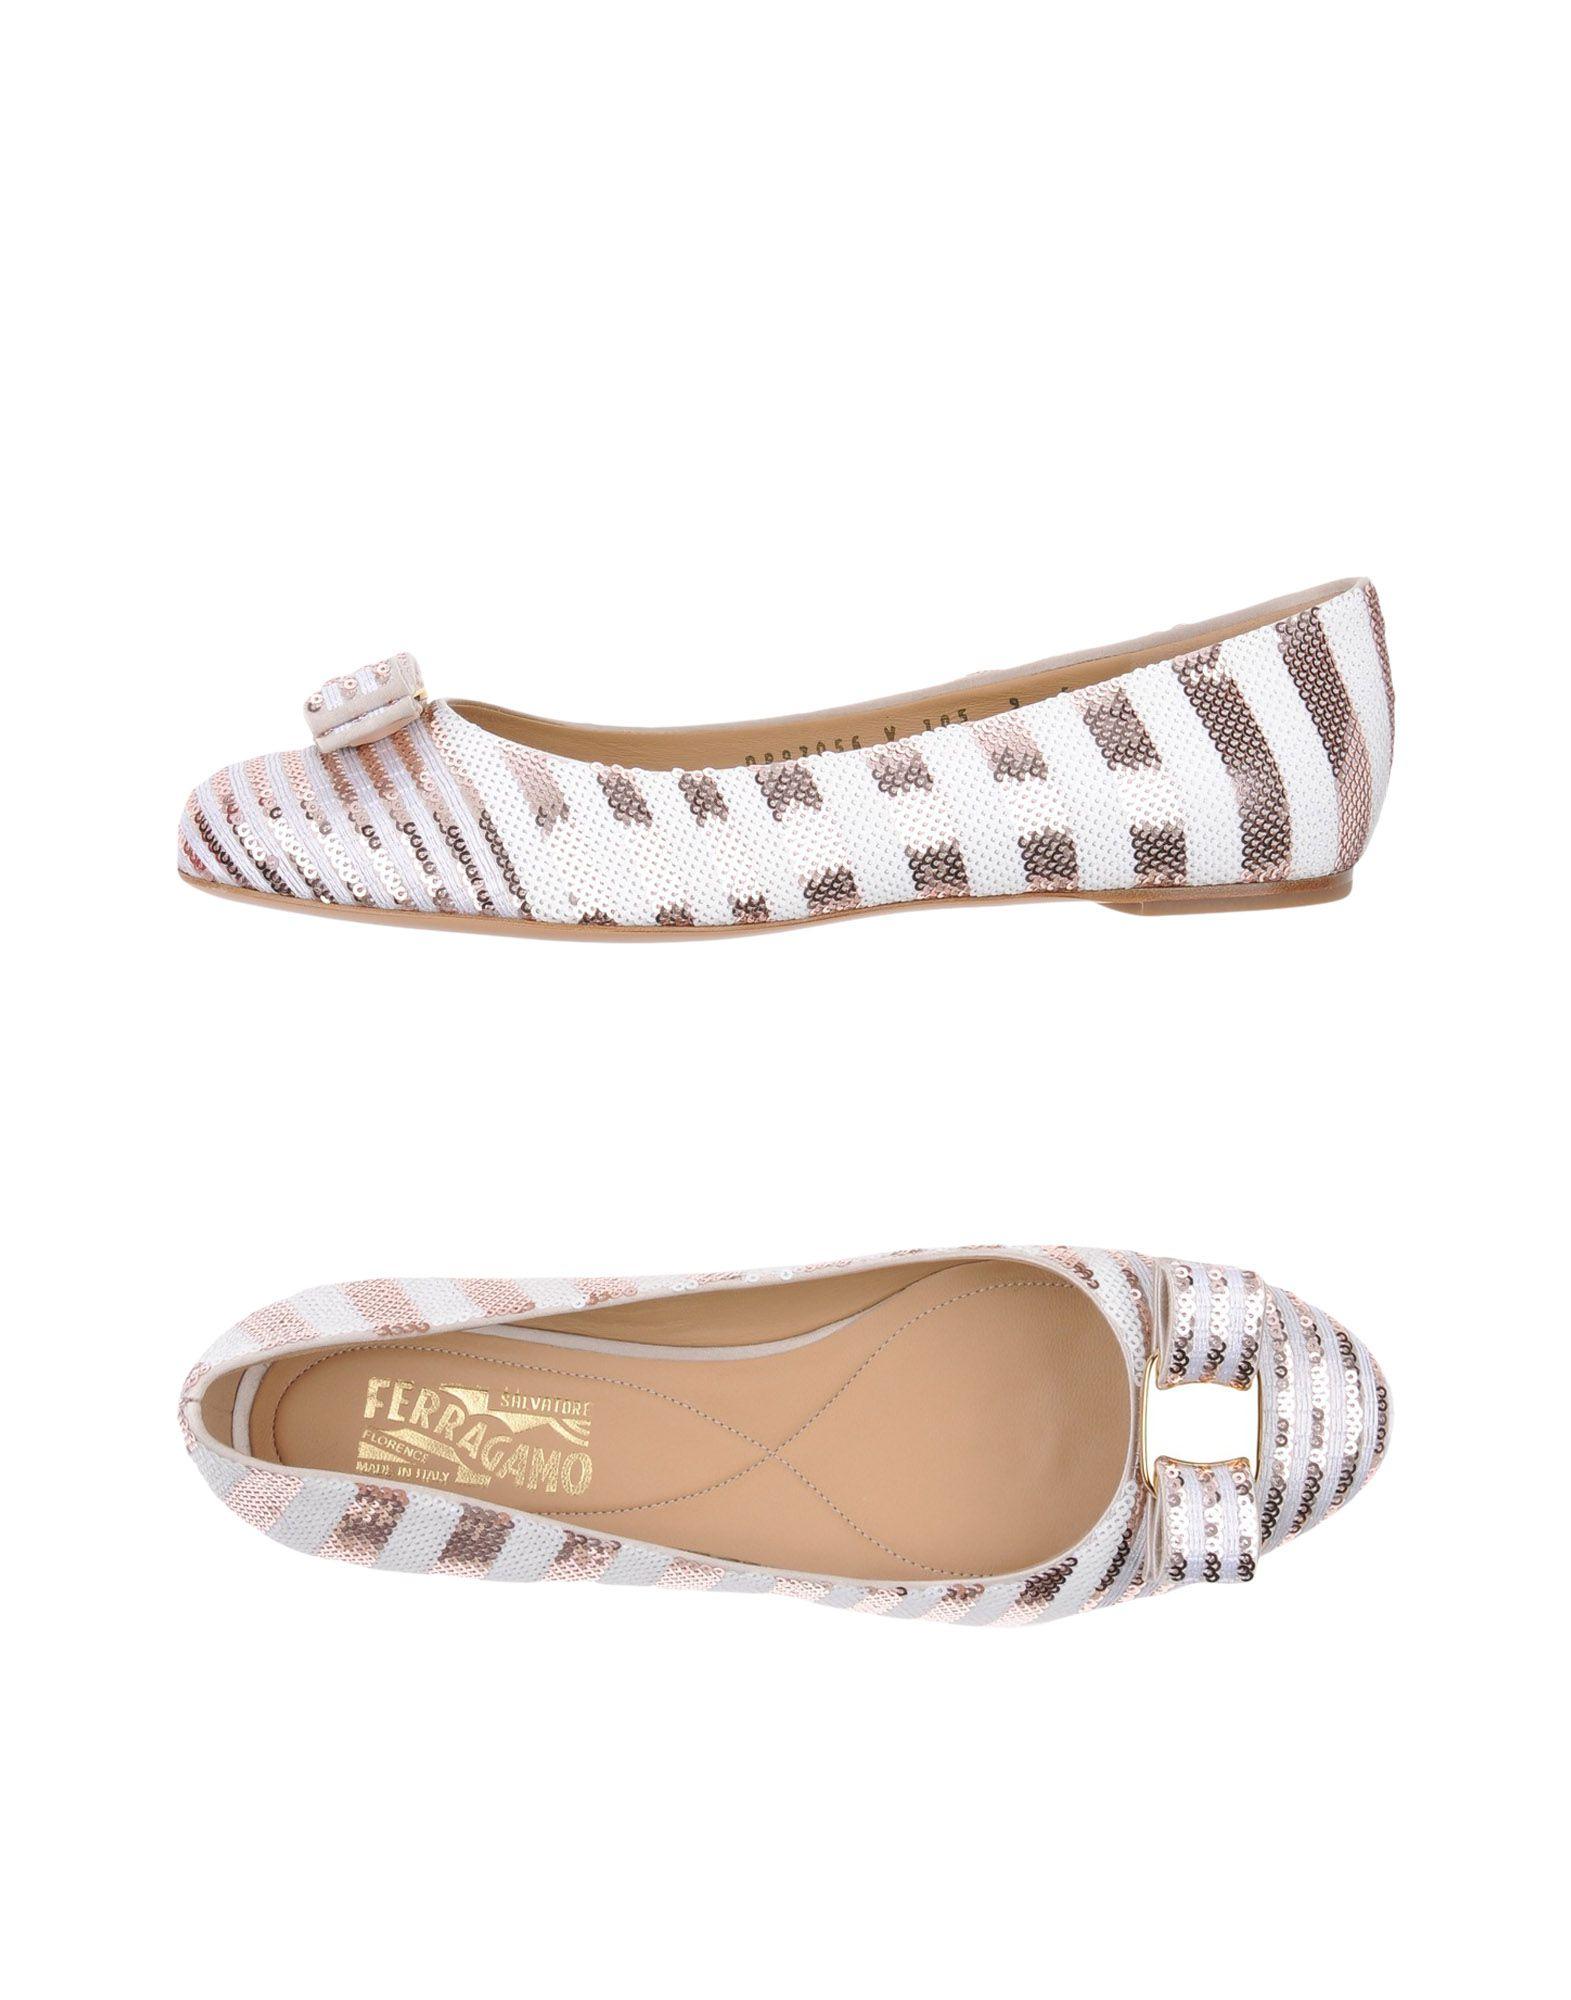 Salvatore Ferragamo Ballerinas Ballerinas Ballerinas Damen  11288622WM Beliebte Schuhe 2705fd